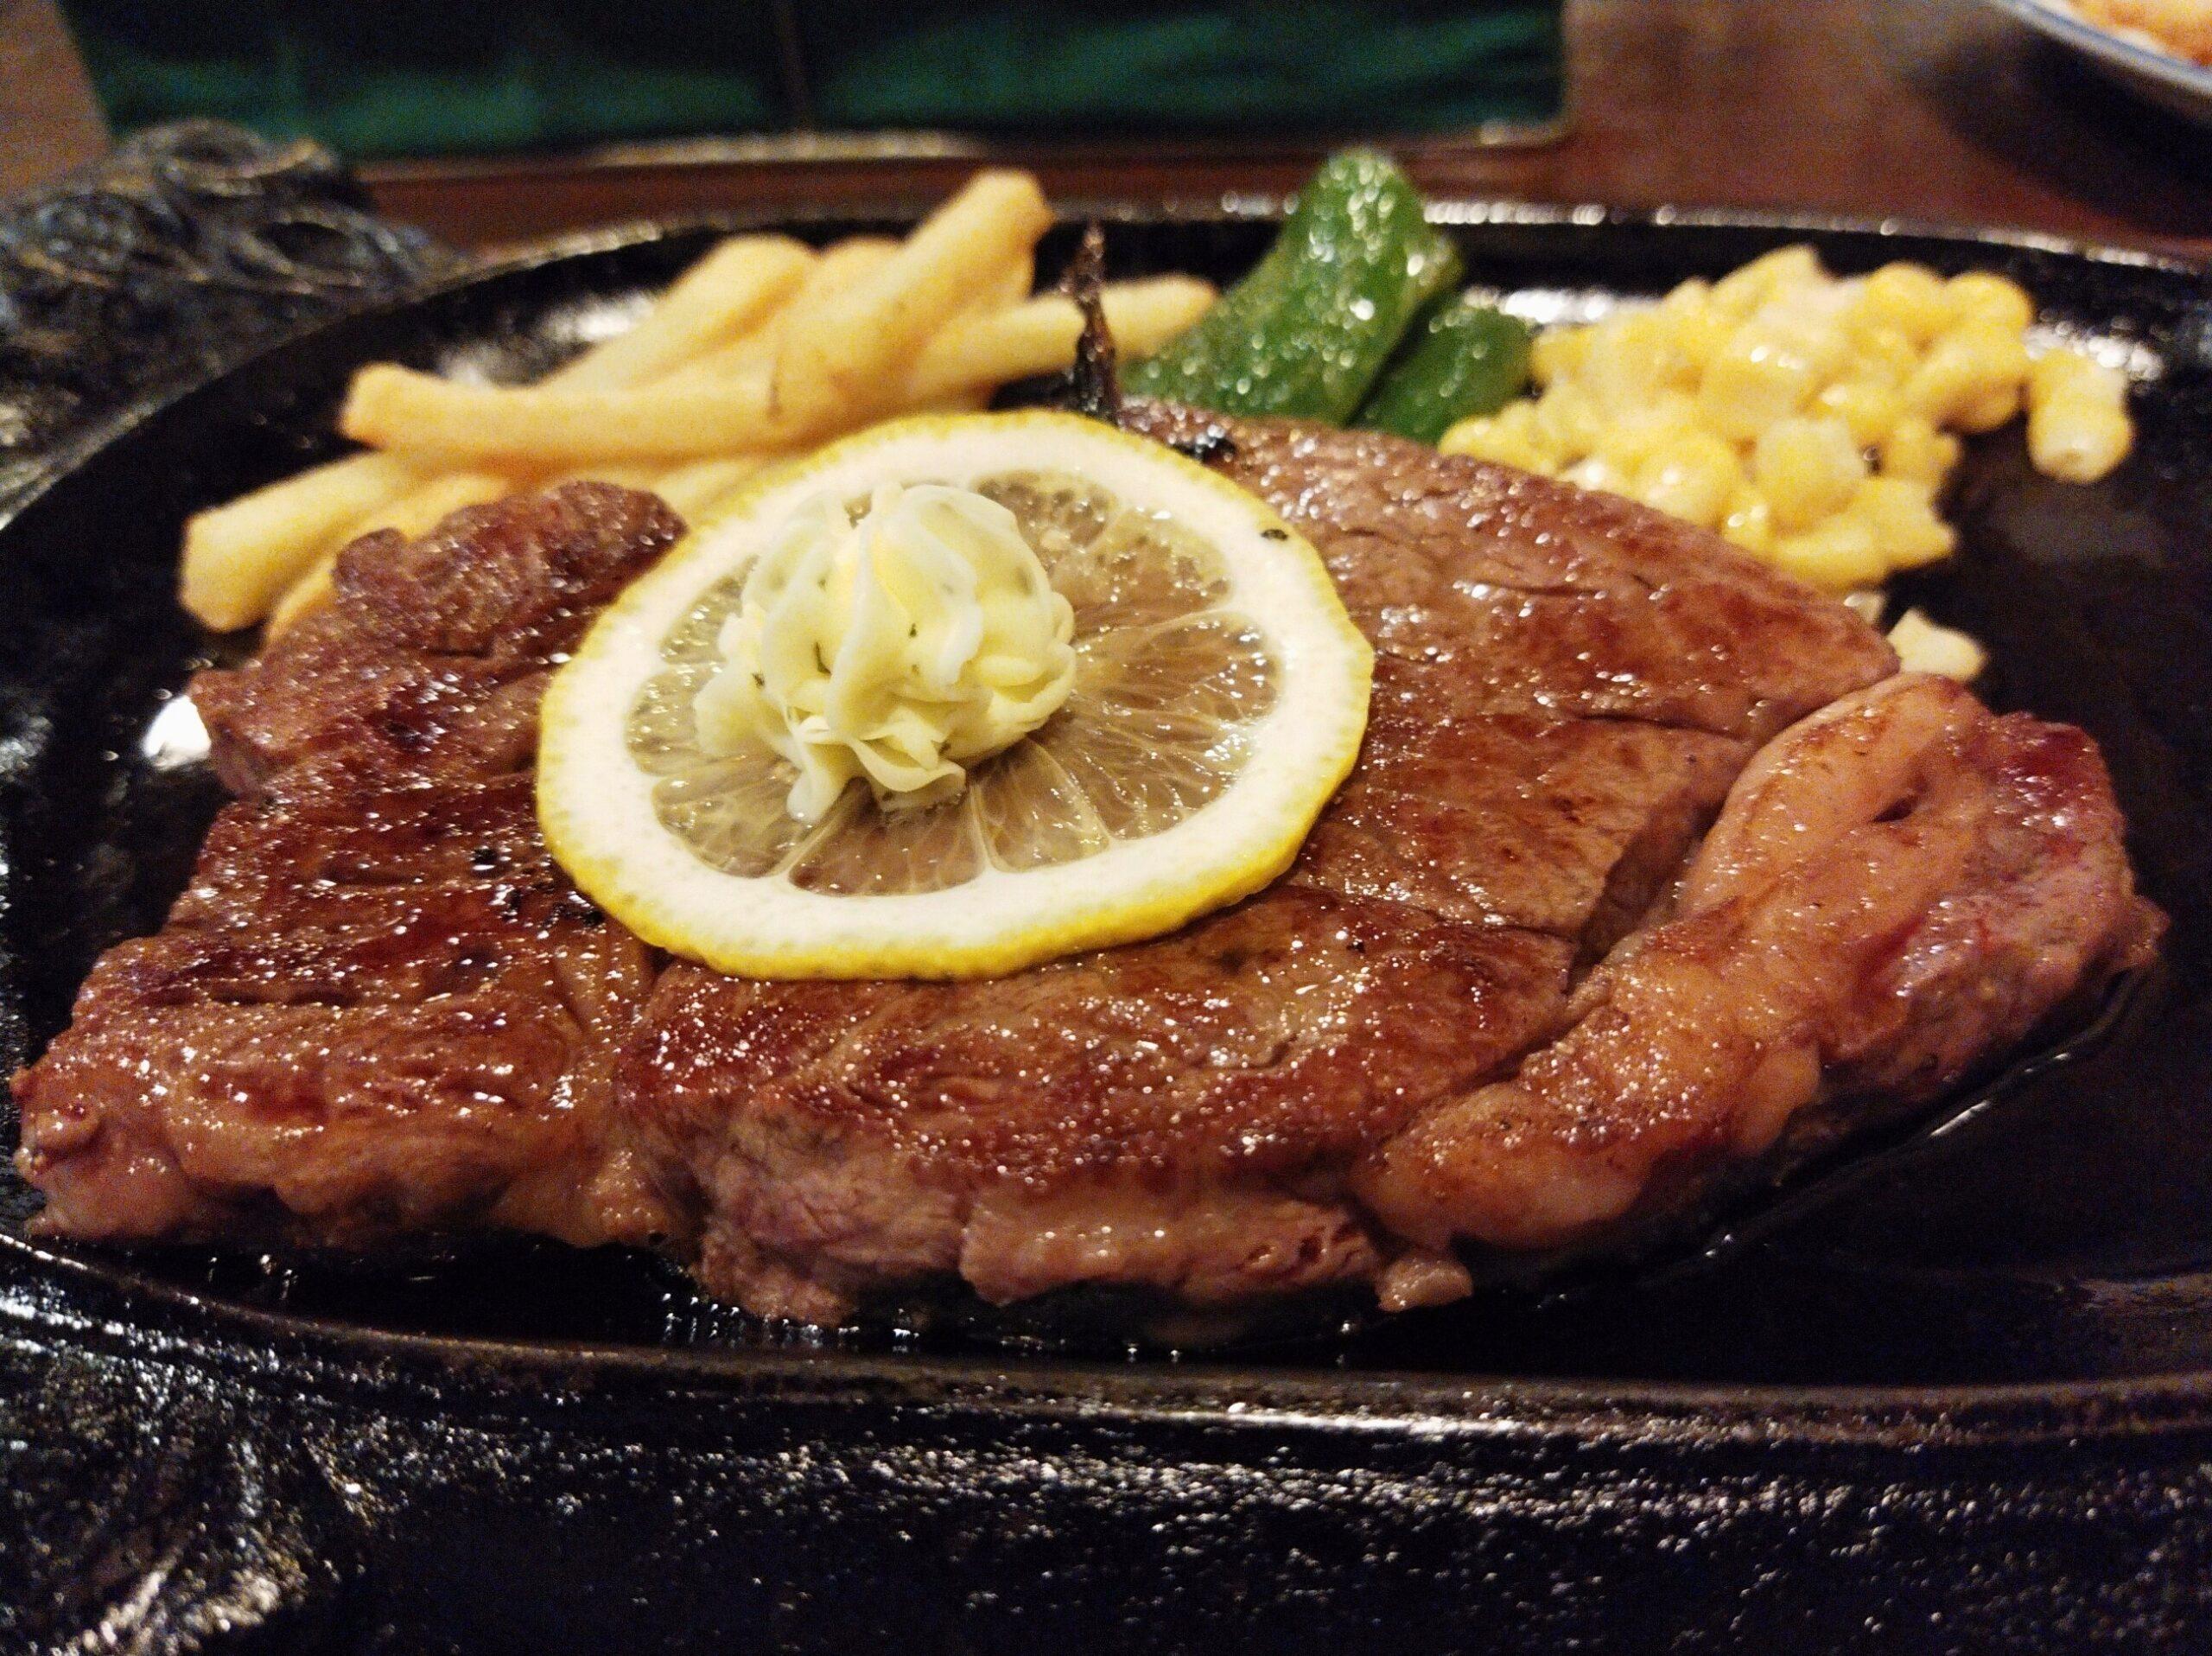 「トルーヴィル」の「牛ヒレ ステーキ」の写真